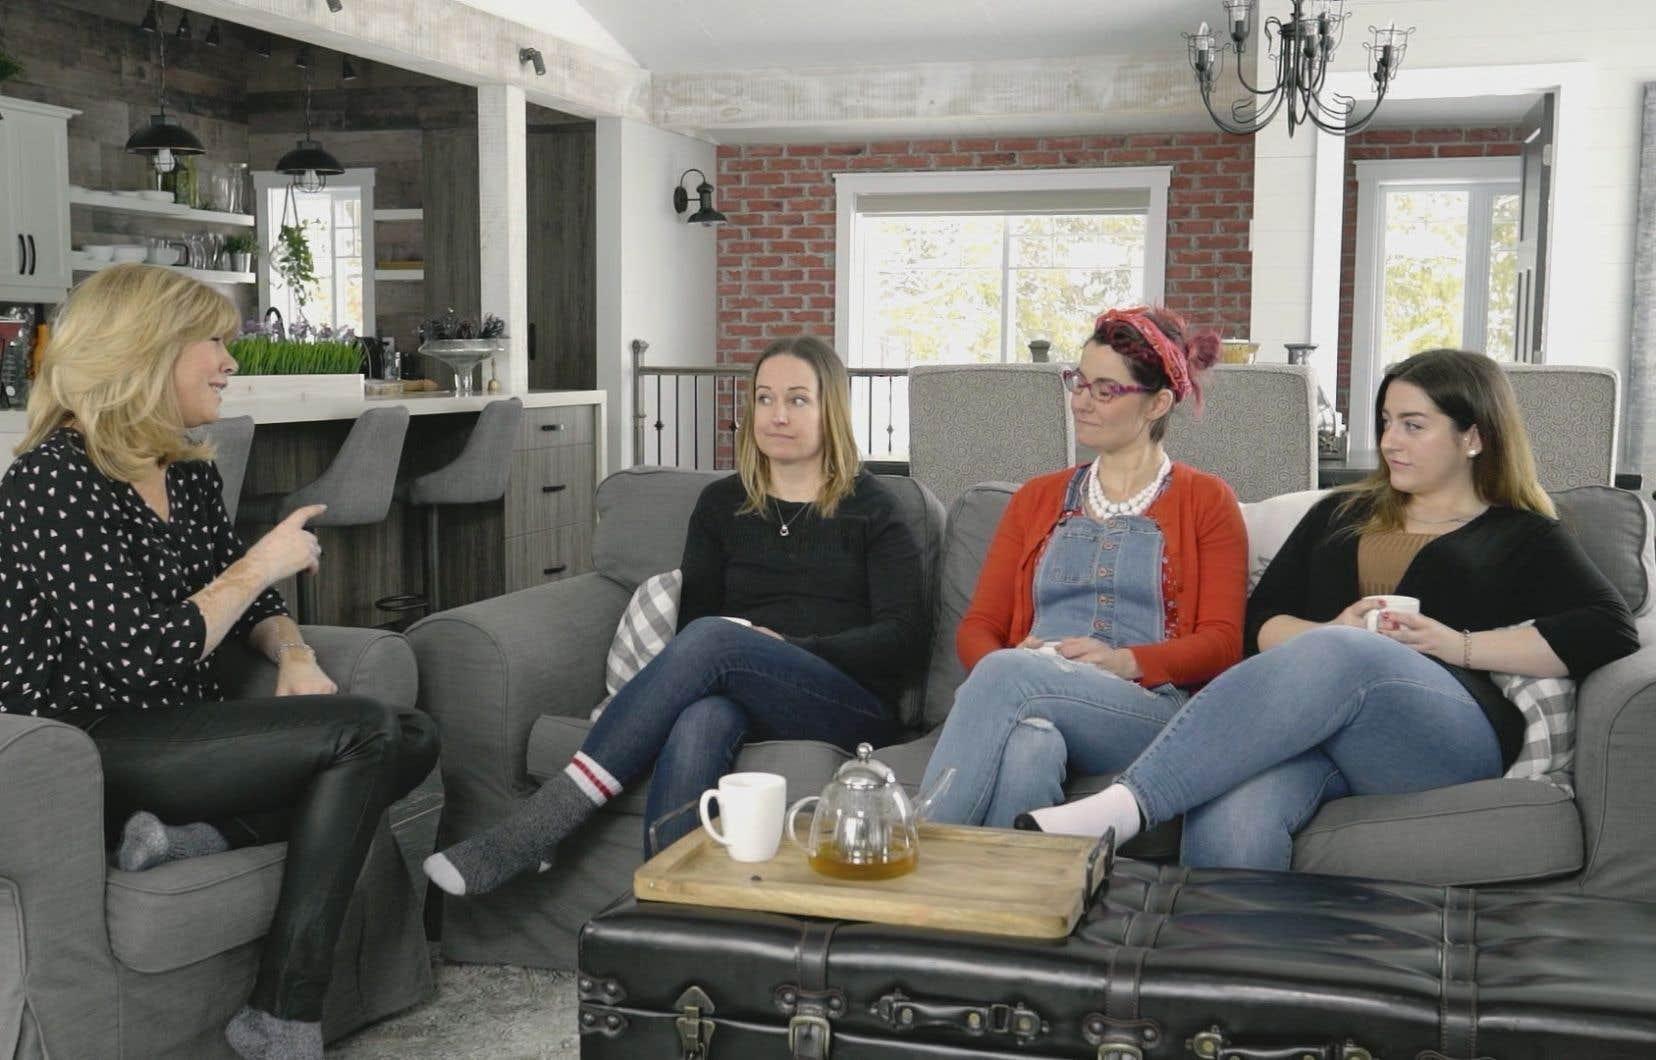 L'animatrice Chantal Lacroix réunit dans chacun des épisodes de sa nouvelle émission, «Belle à ma façon», quelques femmes qui ont traversé des épreuves semblables dans la vie.